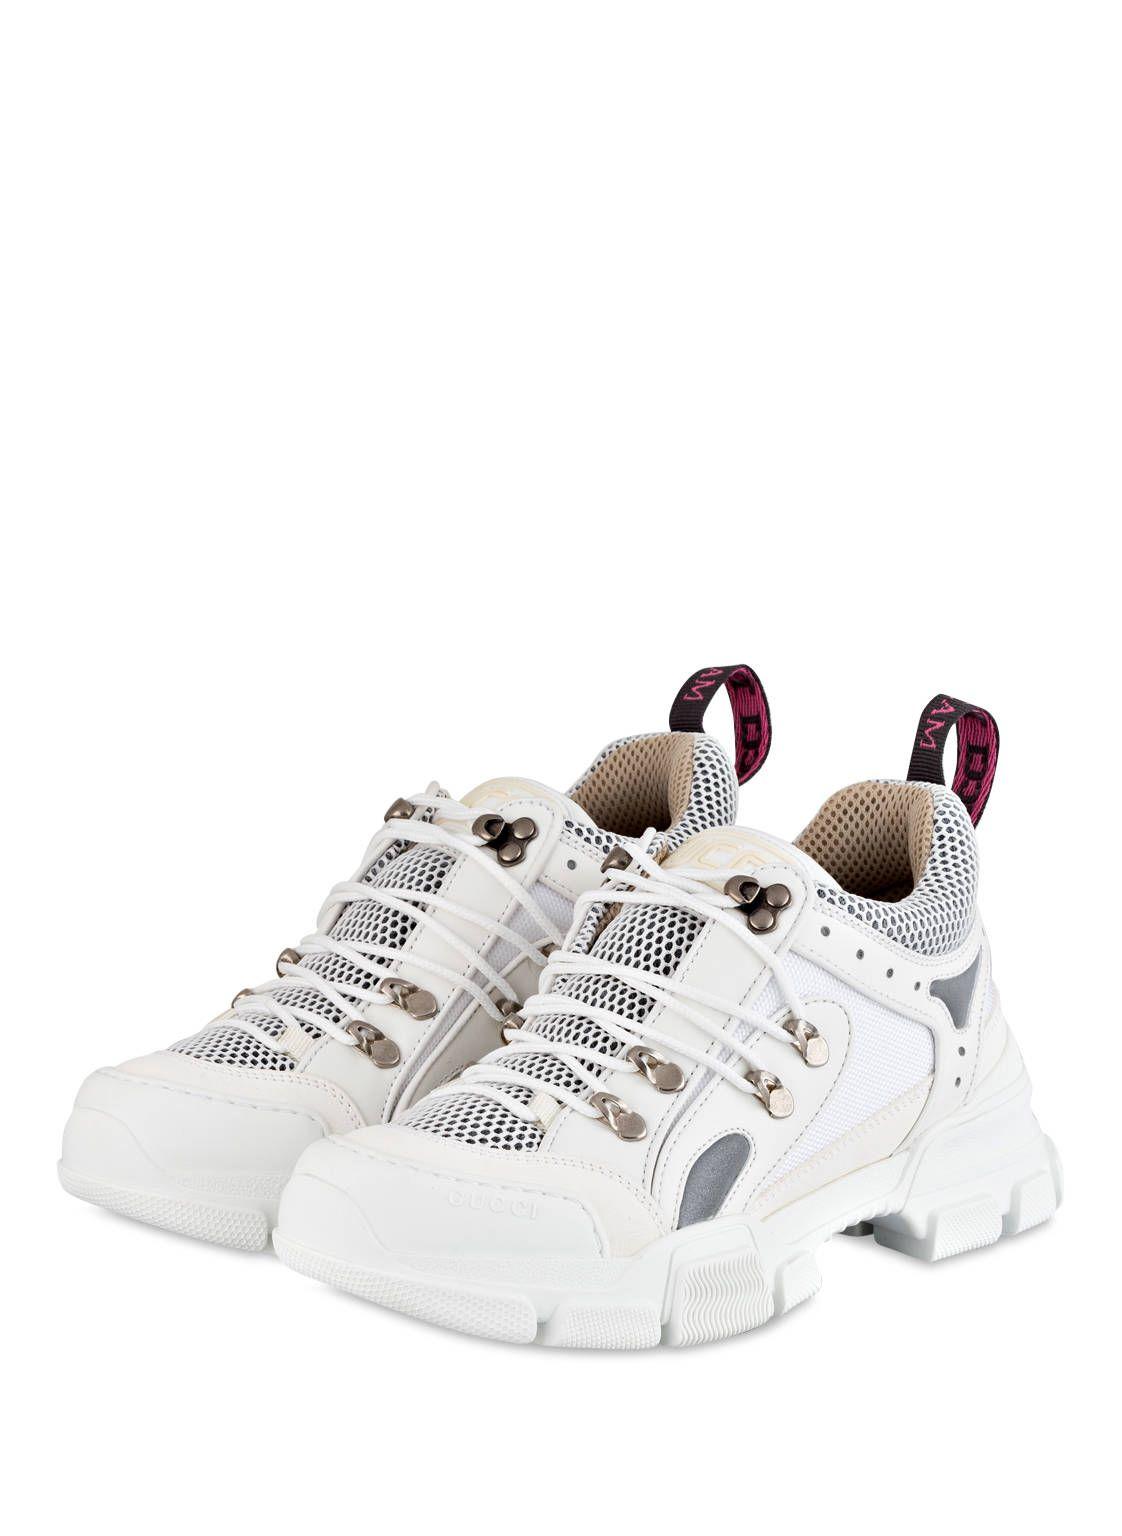 Sneaker CRAFTER | #TUESDAYSHOESDAY | Turnschuhe, Breuninger